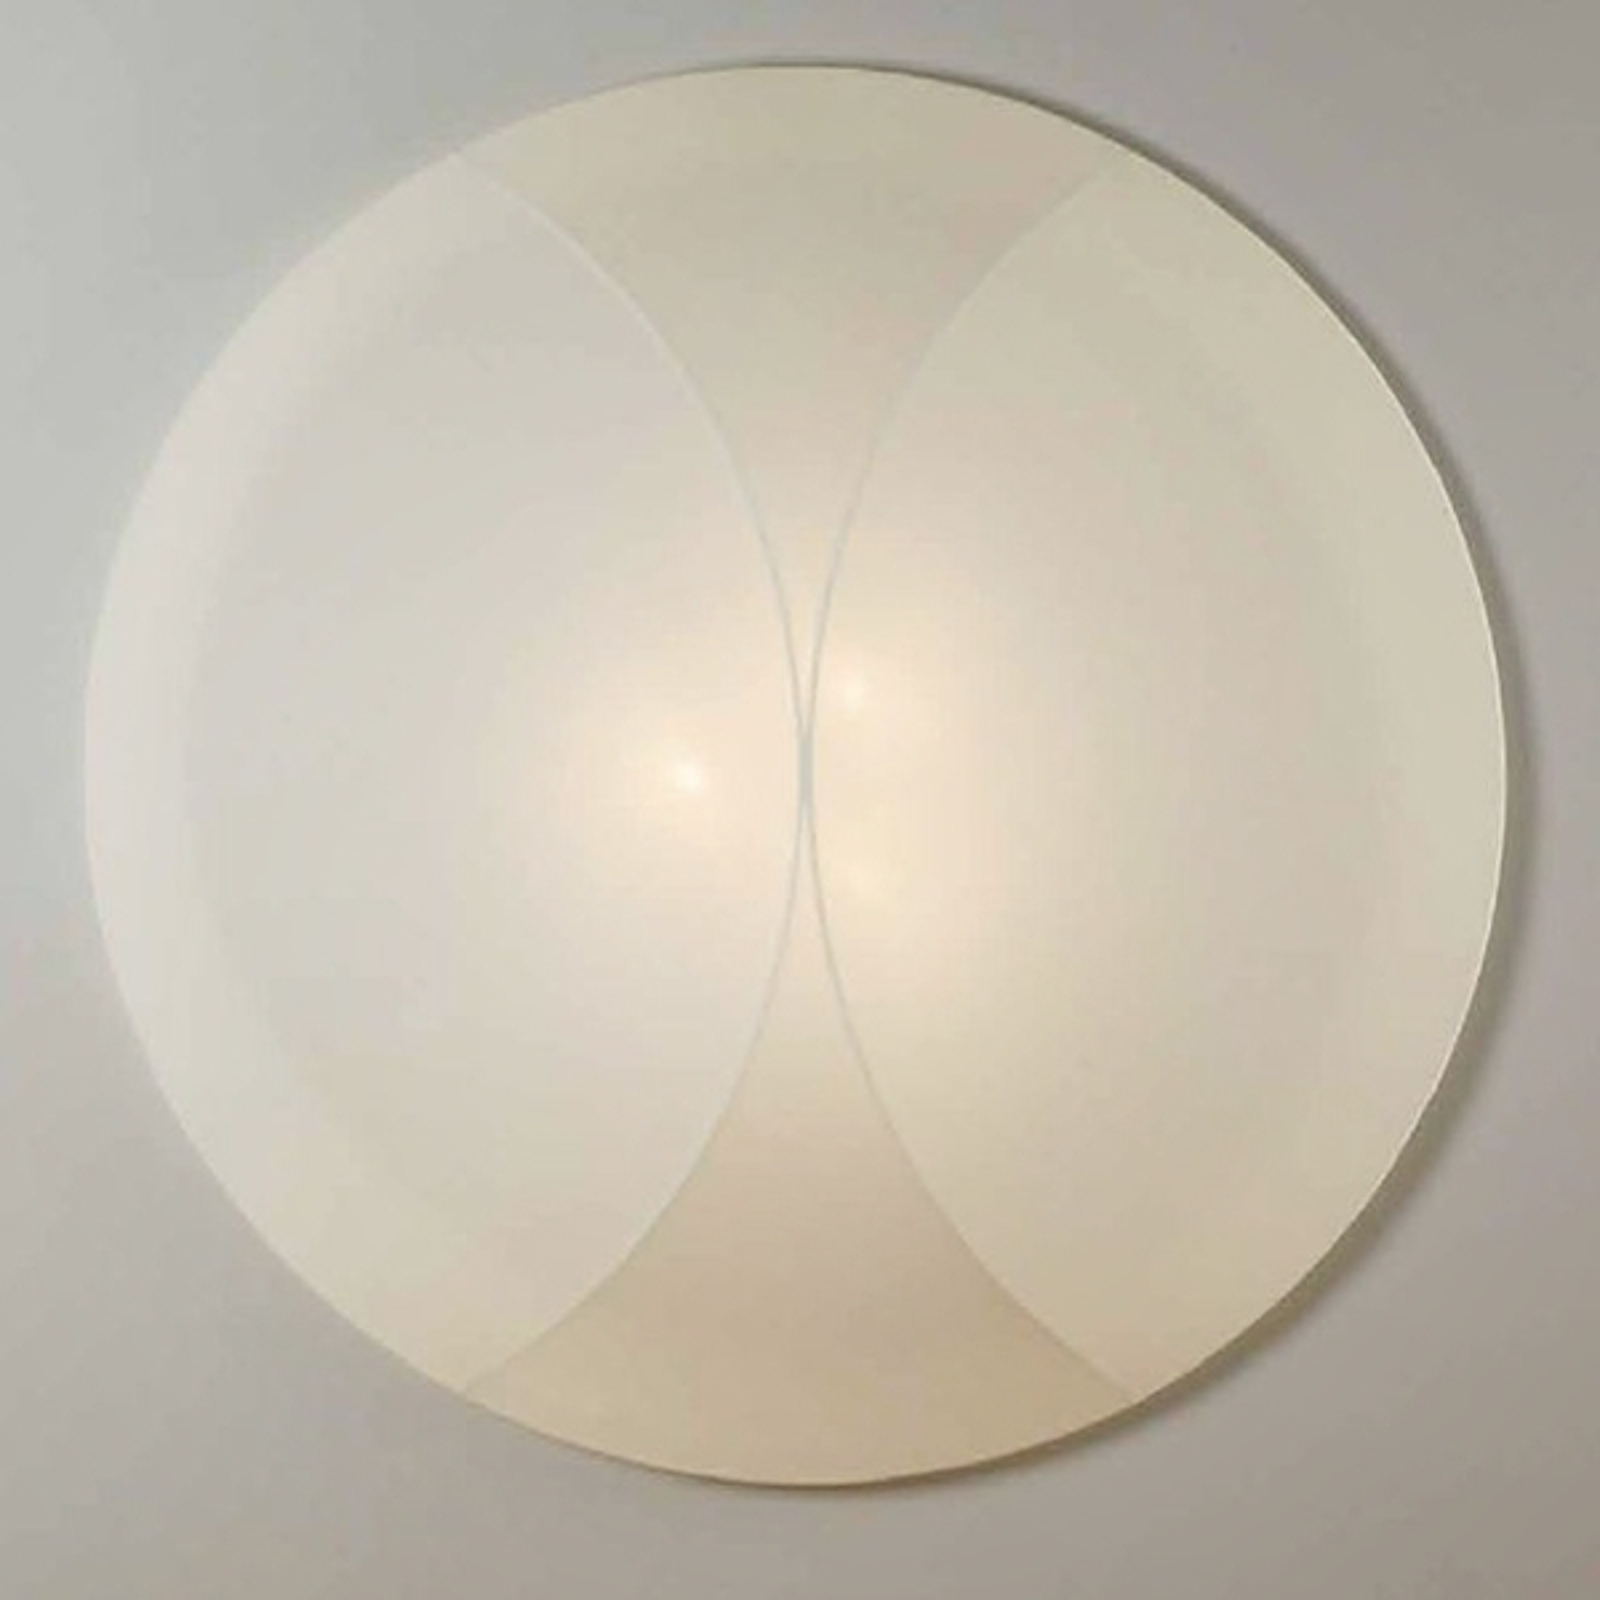 Nastrojowa lampa sufitowa Tosca, średnica 90 cm